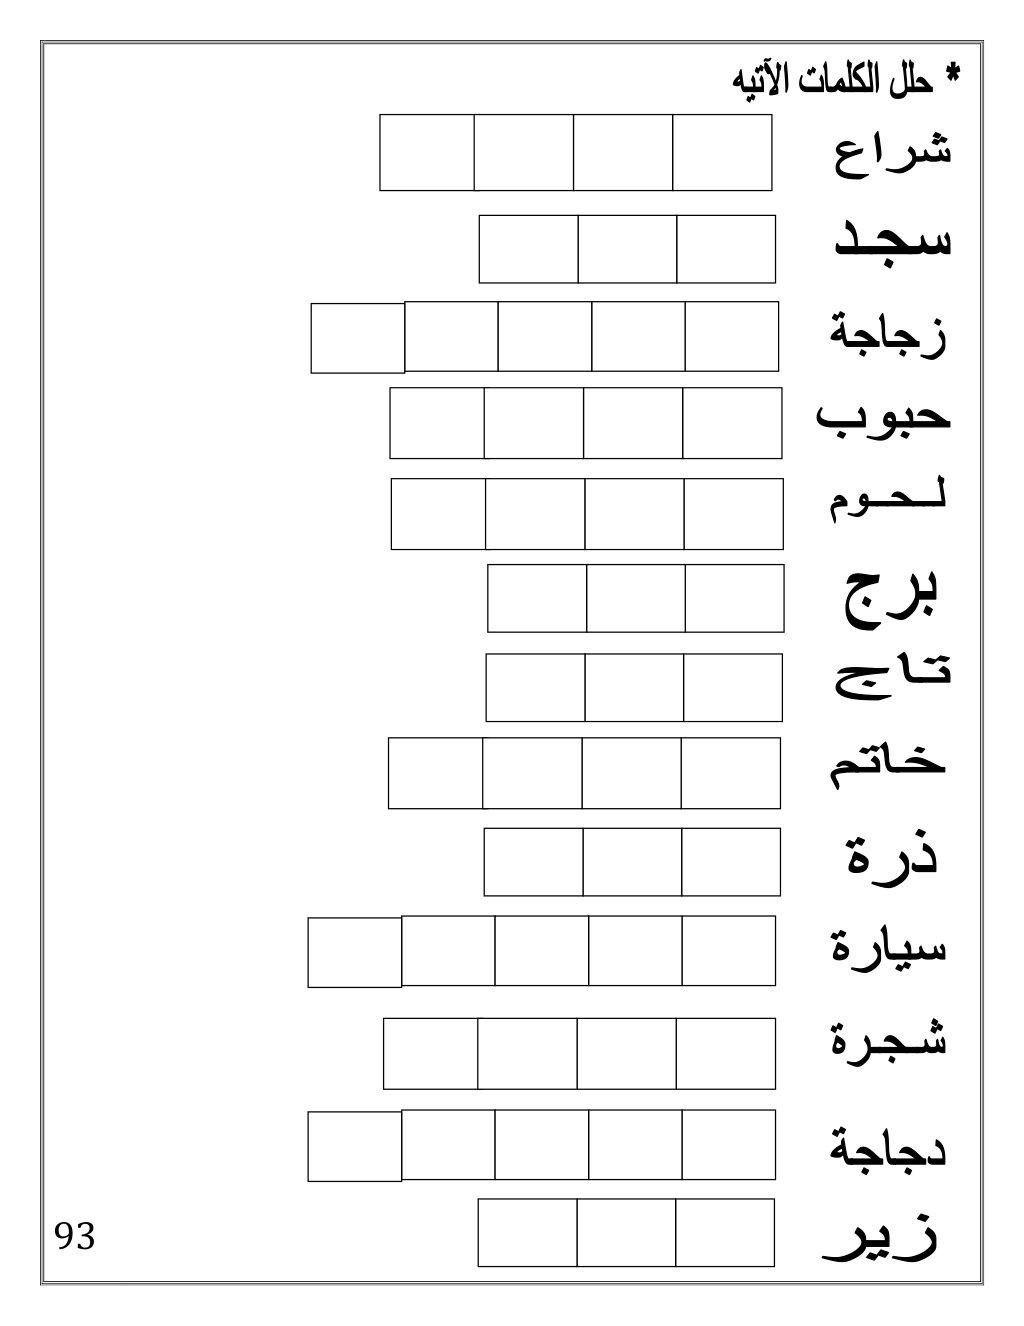 Arabic Alphabet Worksheets For Beginners Worksheet For Kg2